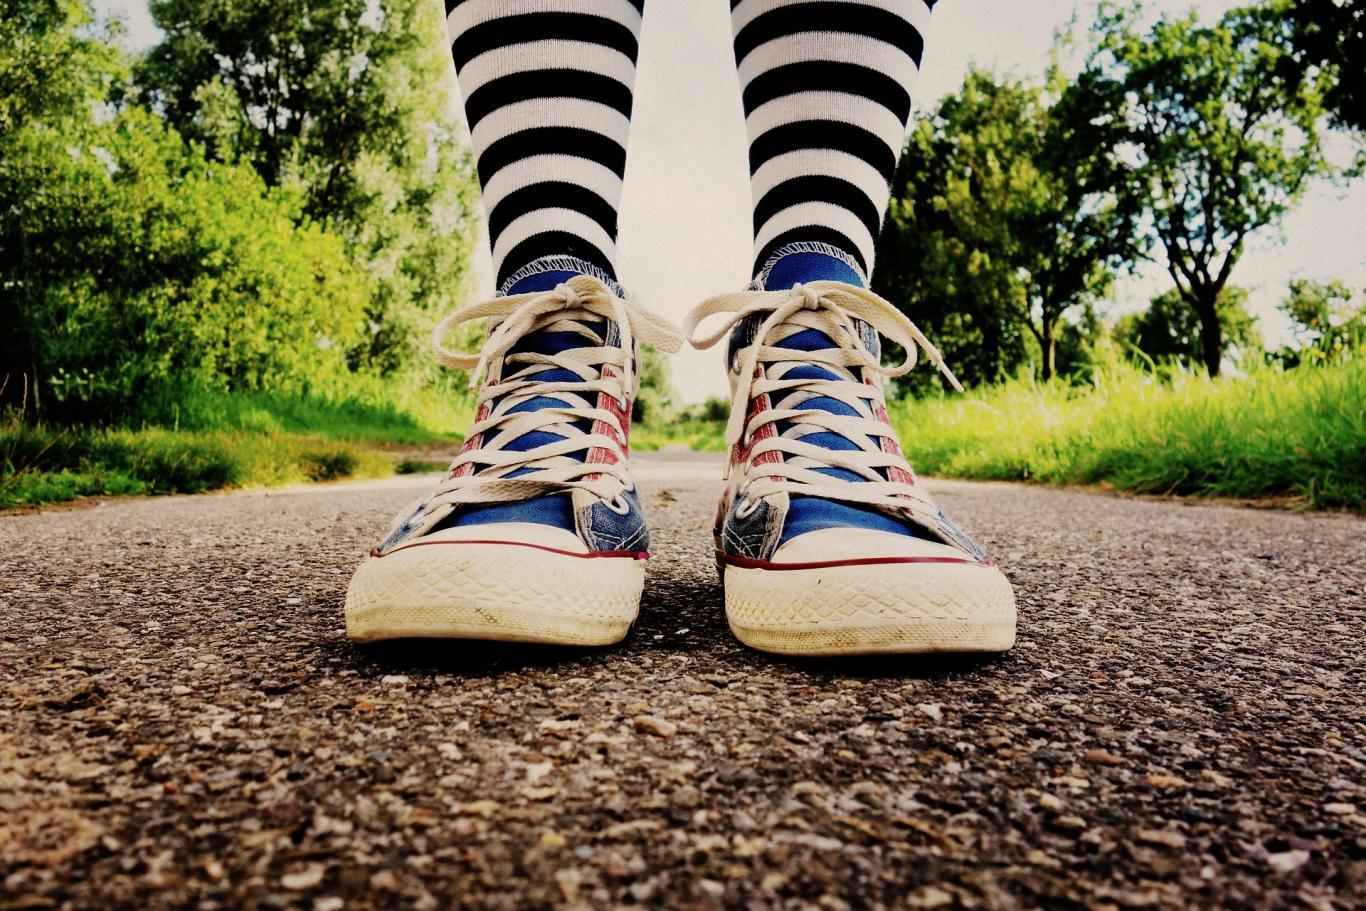 Pies con calcetines y zapatillas de colores